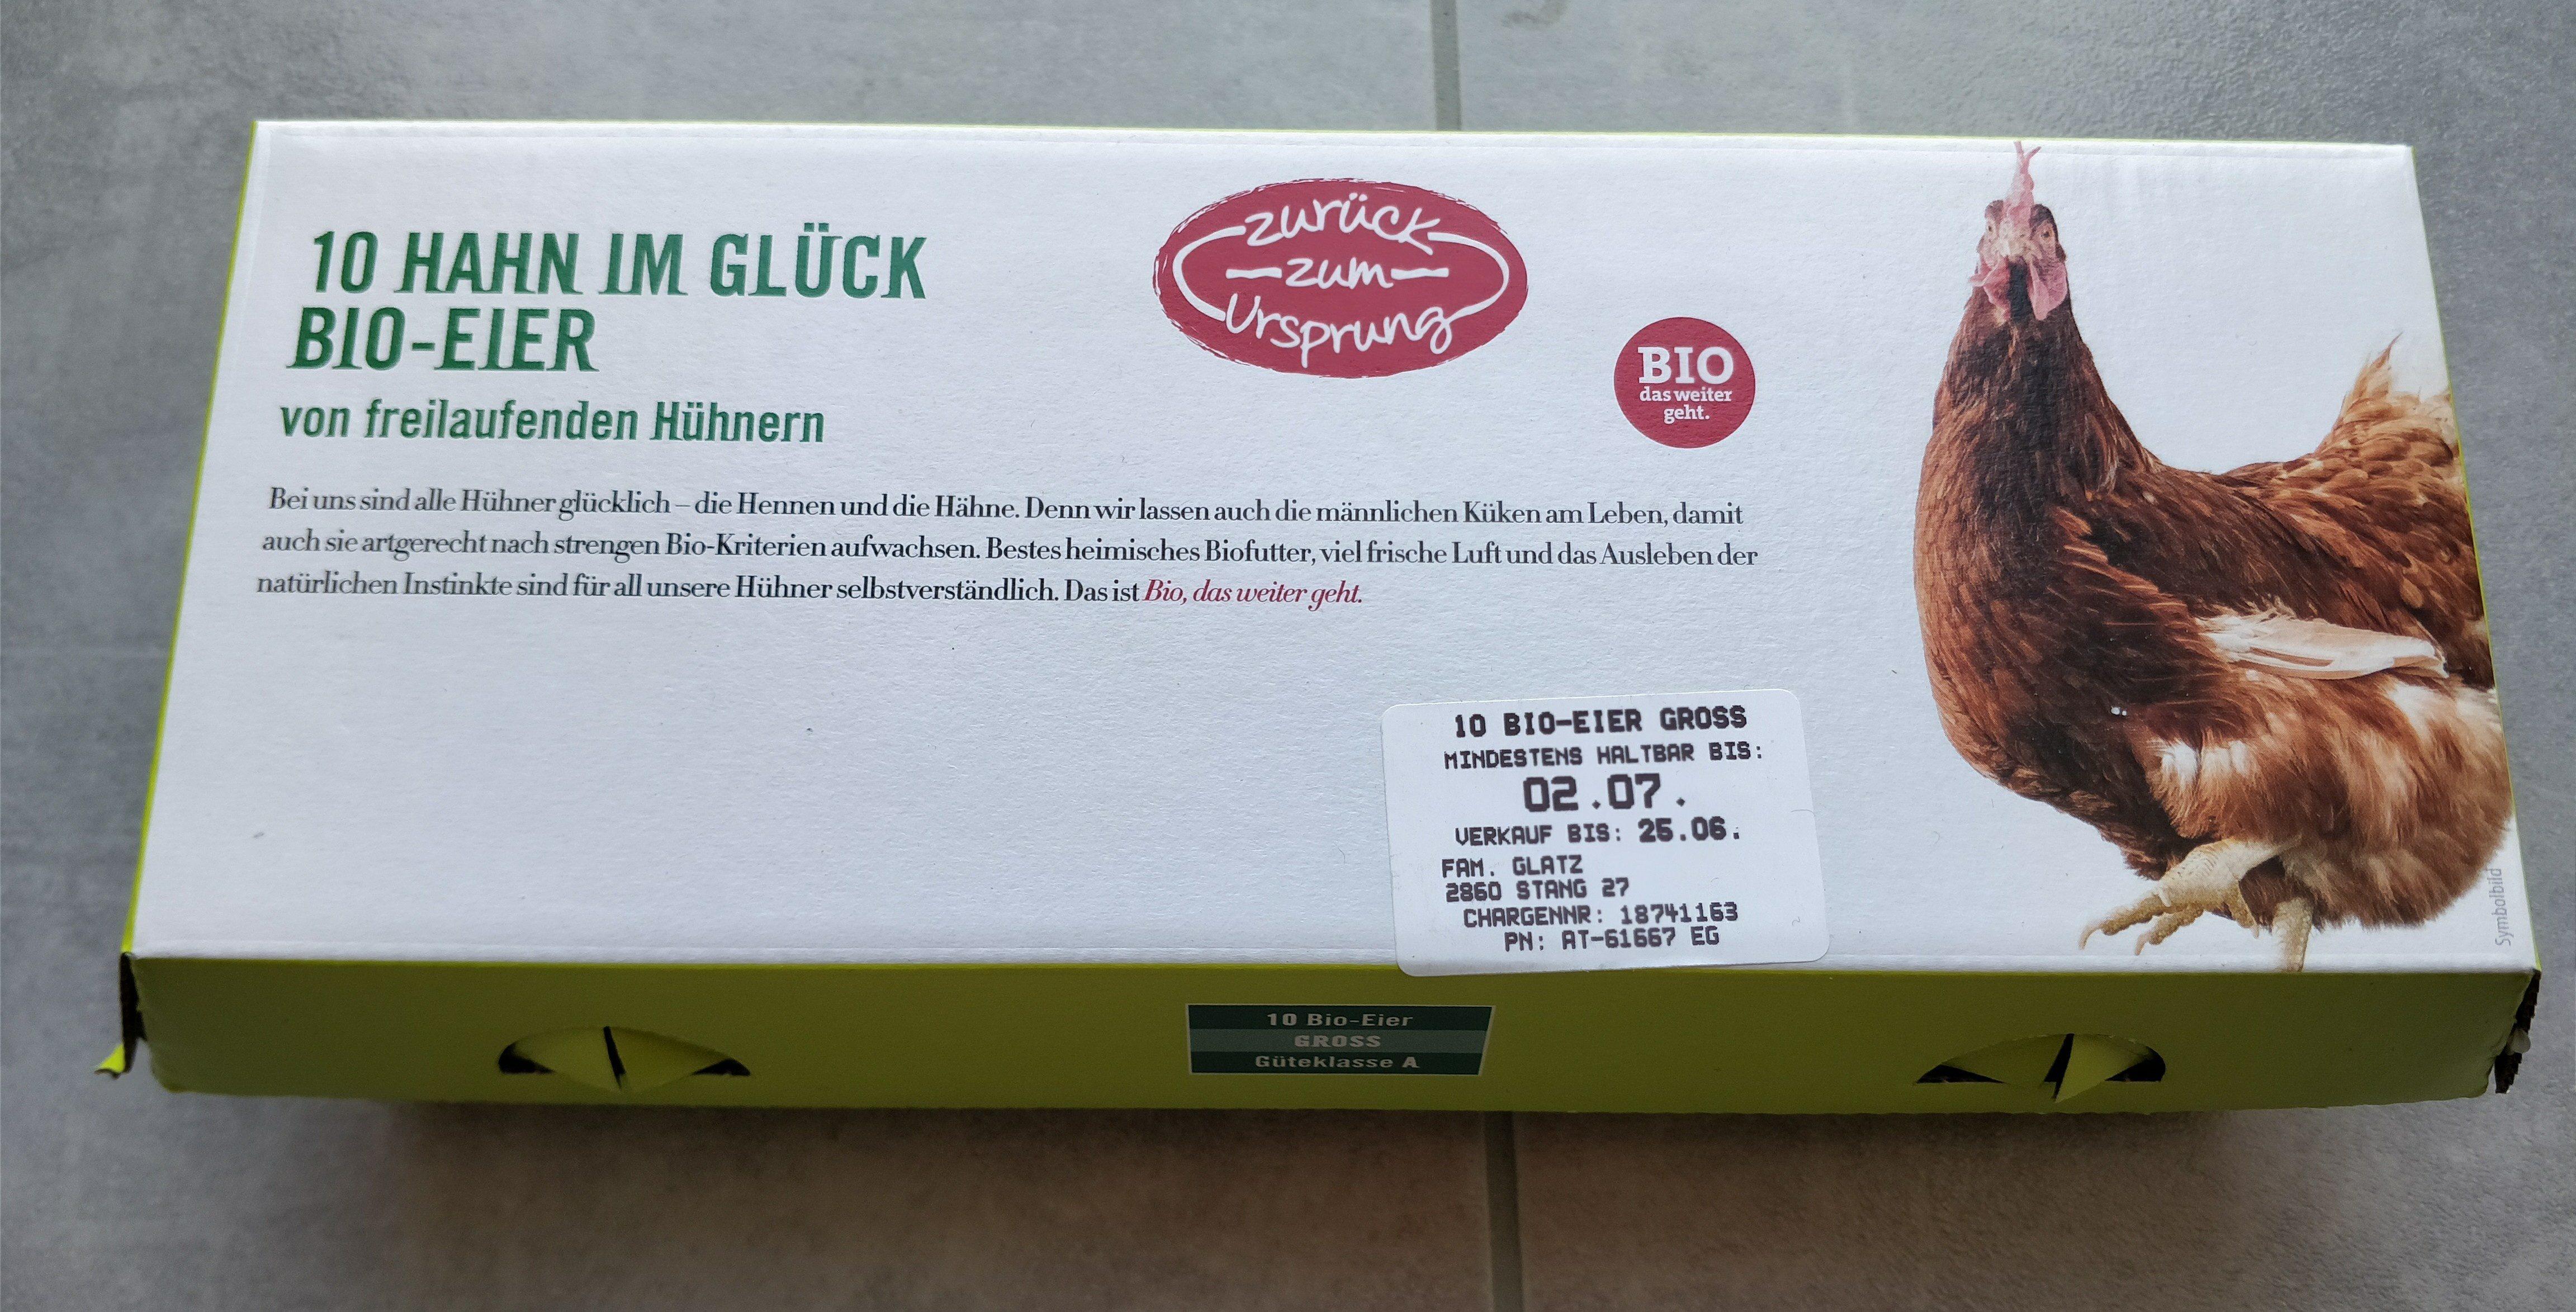 10 Hahn im Glück Bio-Eier (Hofer) - Product